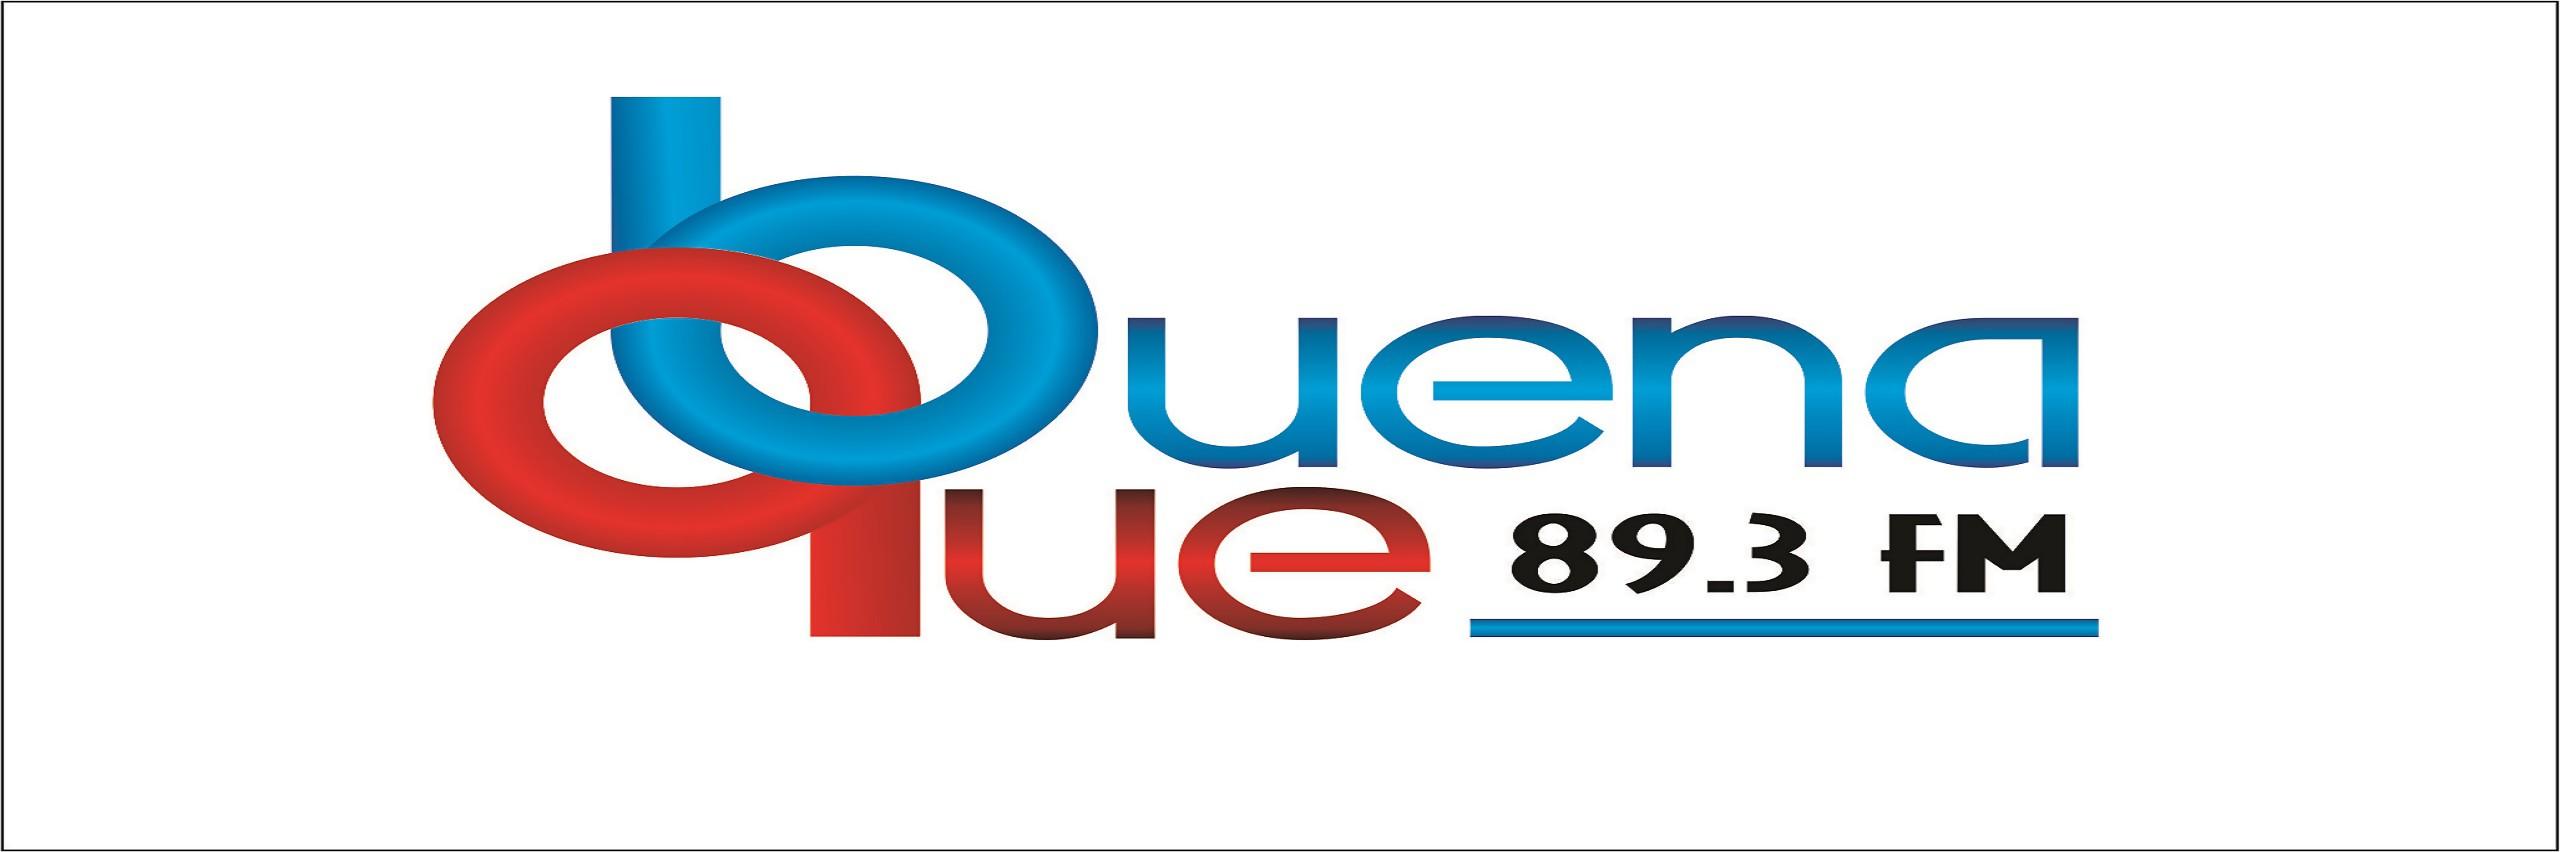 QUE BUENA 89 3